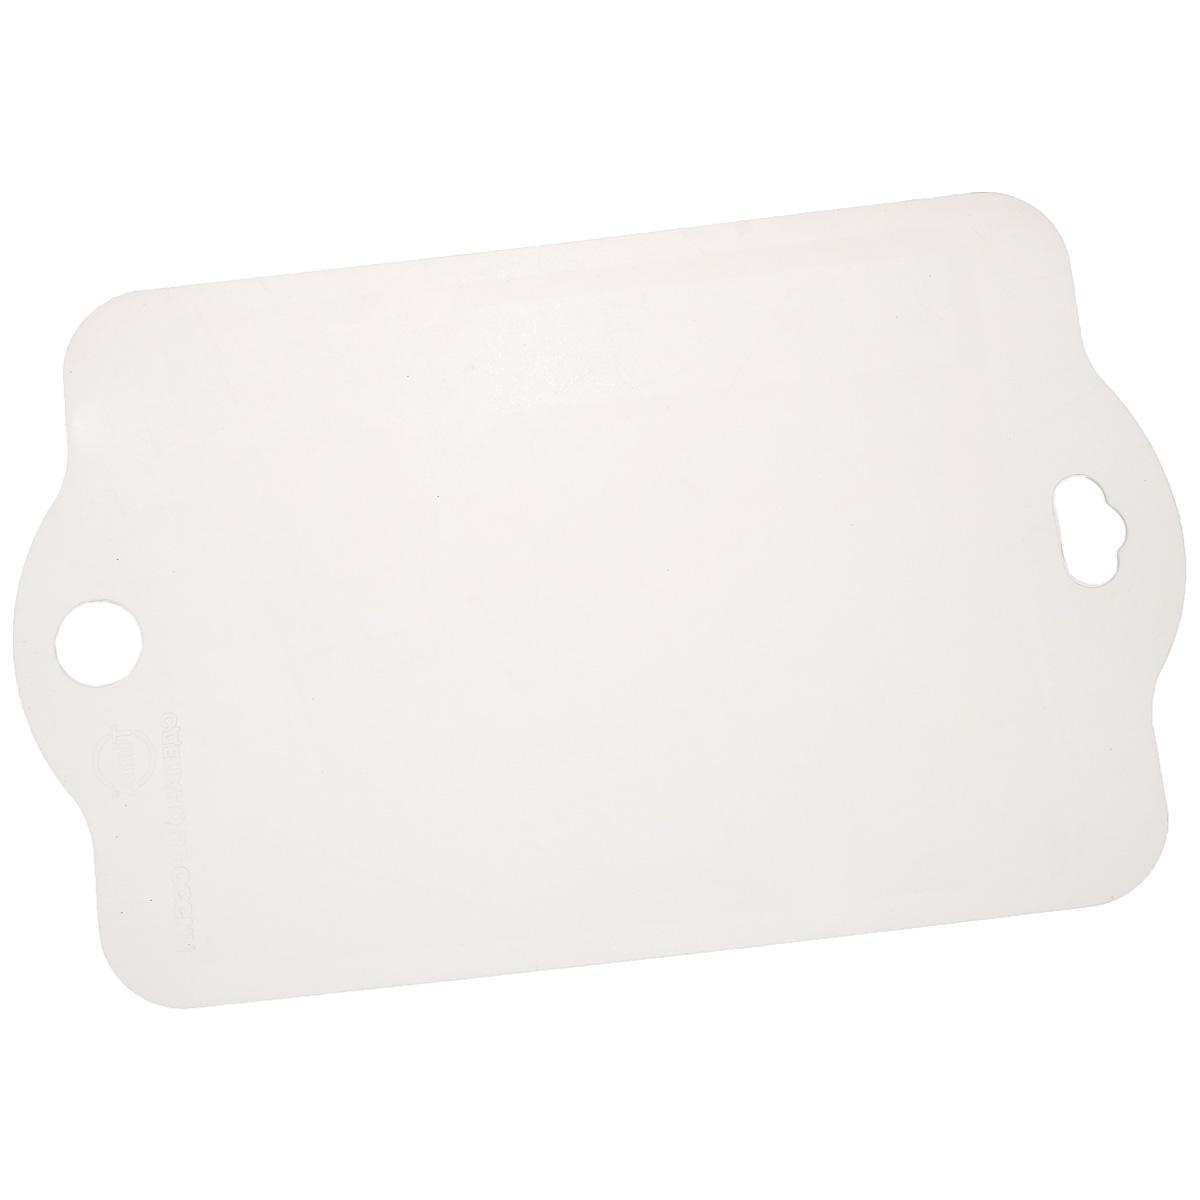 Доска разделочная TimA, 41 см х 26 смРД-4126Гибкая разделочная доска TimA, изготовленная из высококачественного пластика, займет достойное место среди аксессуаров на вашей кухне. Благодаря гибкости, с доски удобно высыпать нарезанные продукты. Она не тупит металлические и керамические ножи. Не впитывает влагу и легко моется. Обладает исключительной прочностью и износостойкостью. Доска TimA прекрасно подойдет для нарезки любых продуктов.